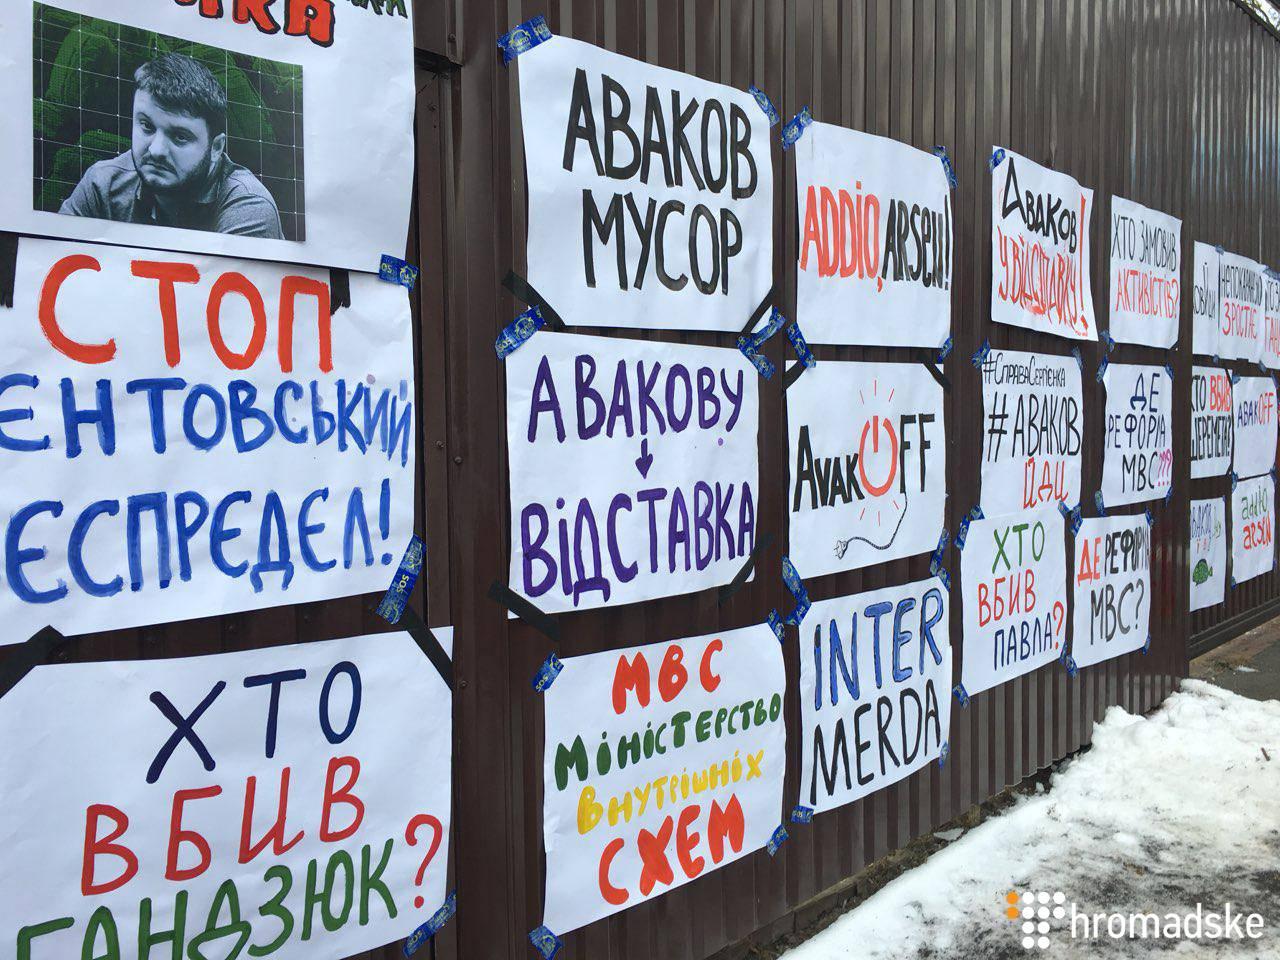 «Аваков, уходи!» Националисты окружили дом главы МВД - требуют немедленной отставки